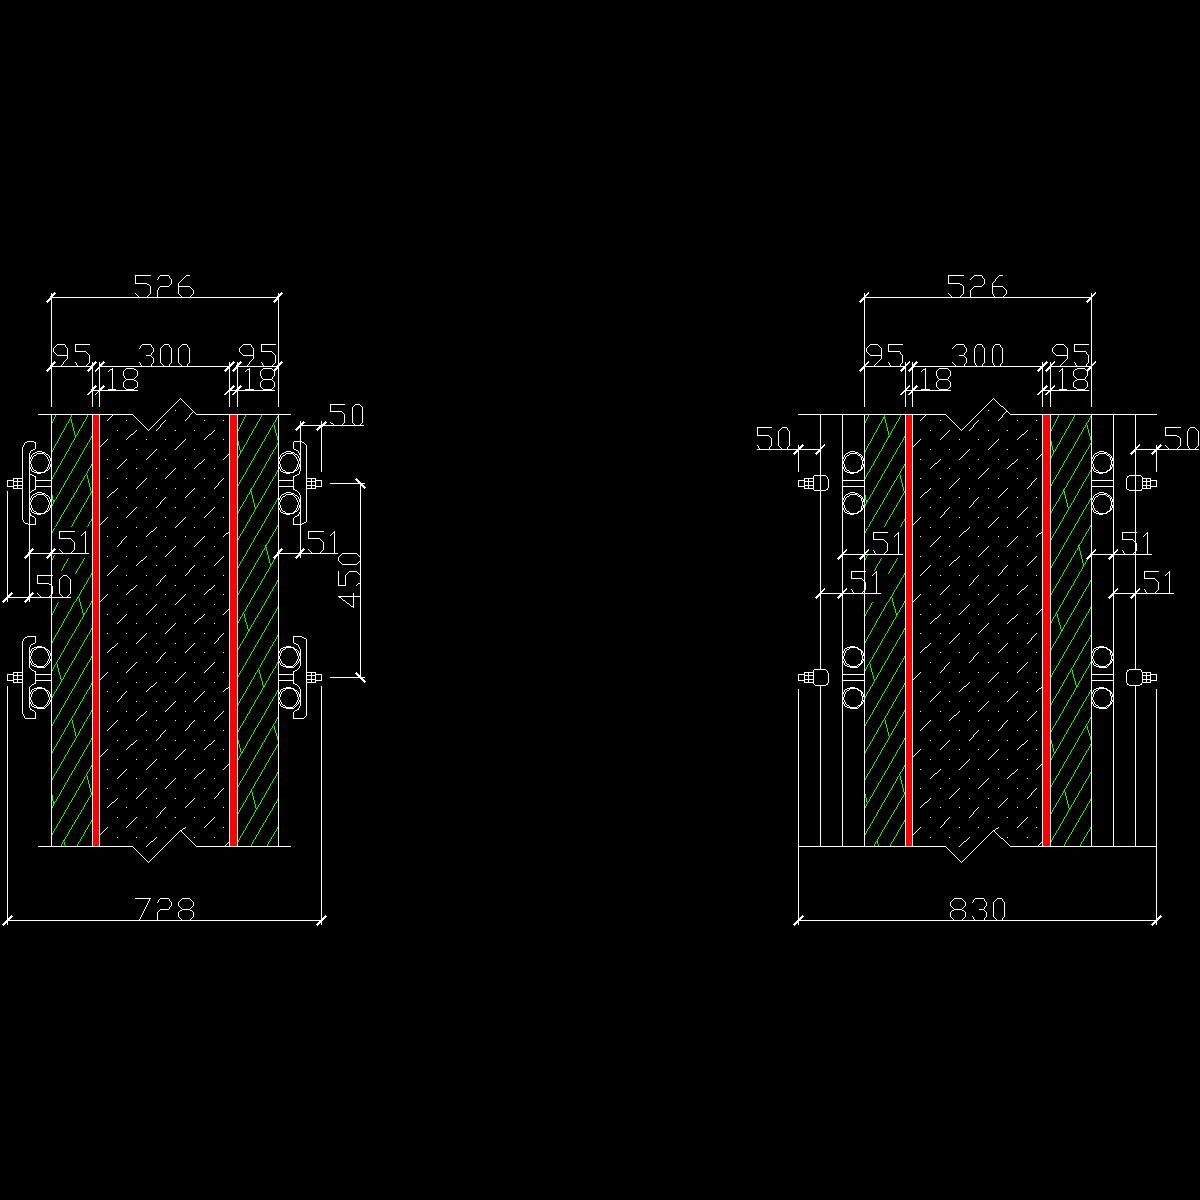 对接螺栓长度计算示意图.dwg